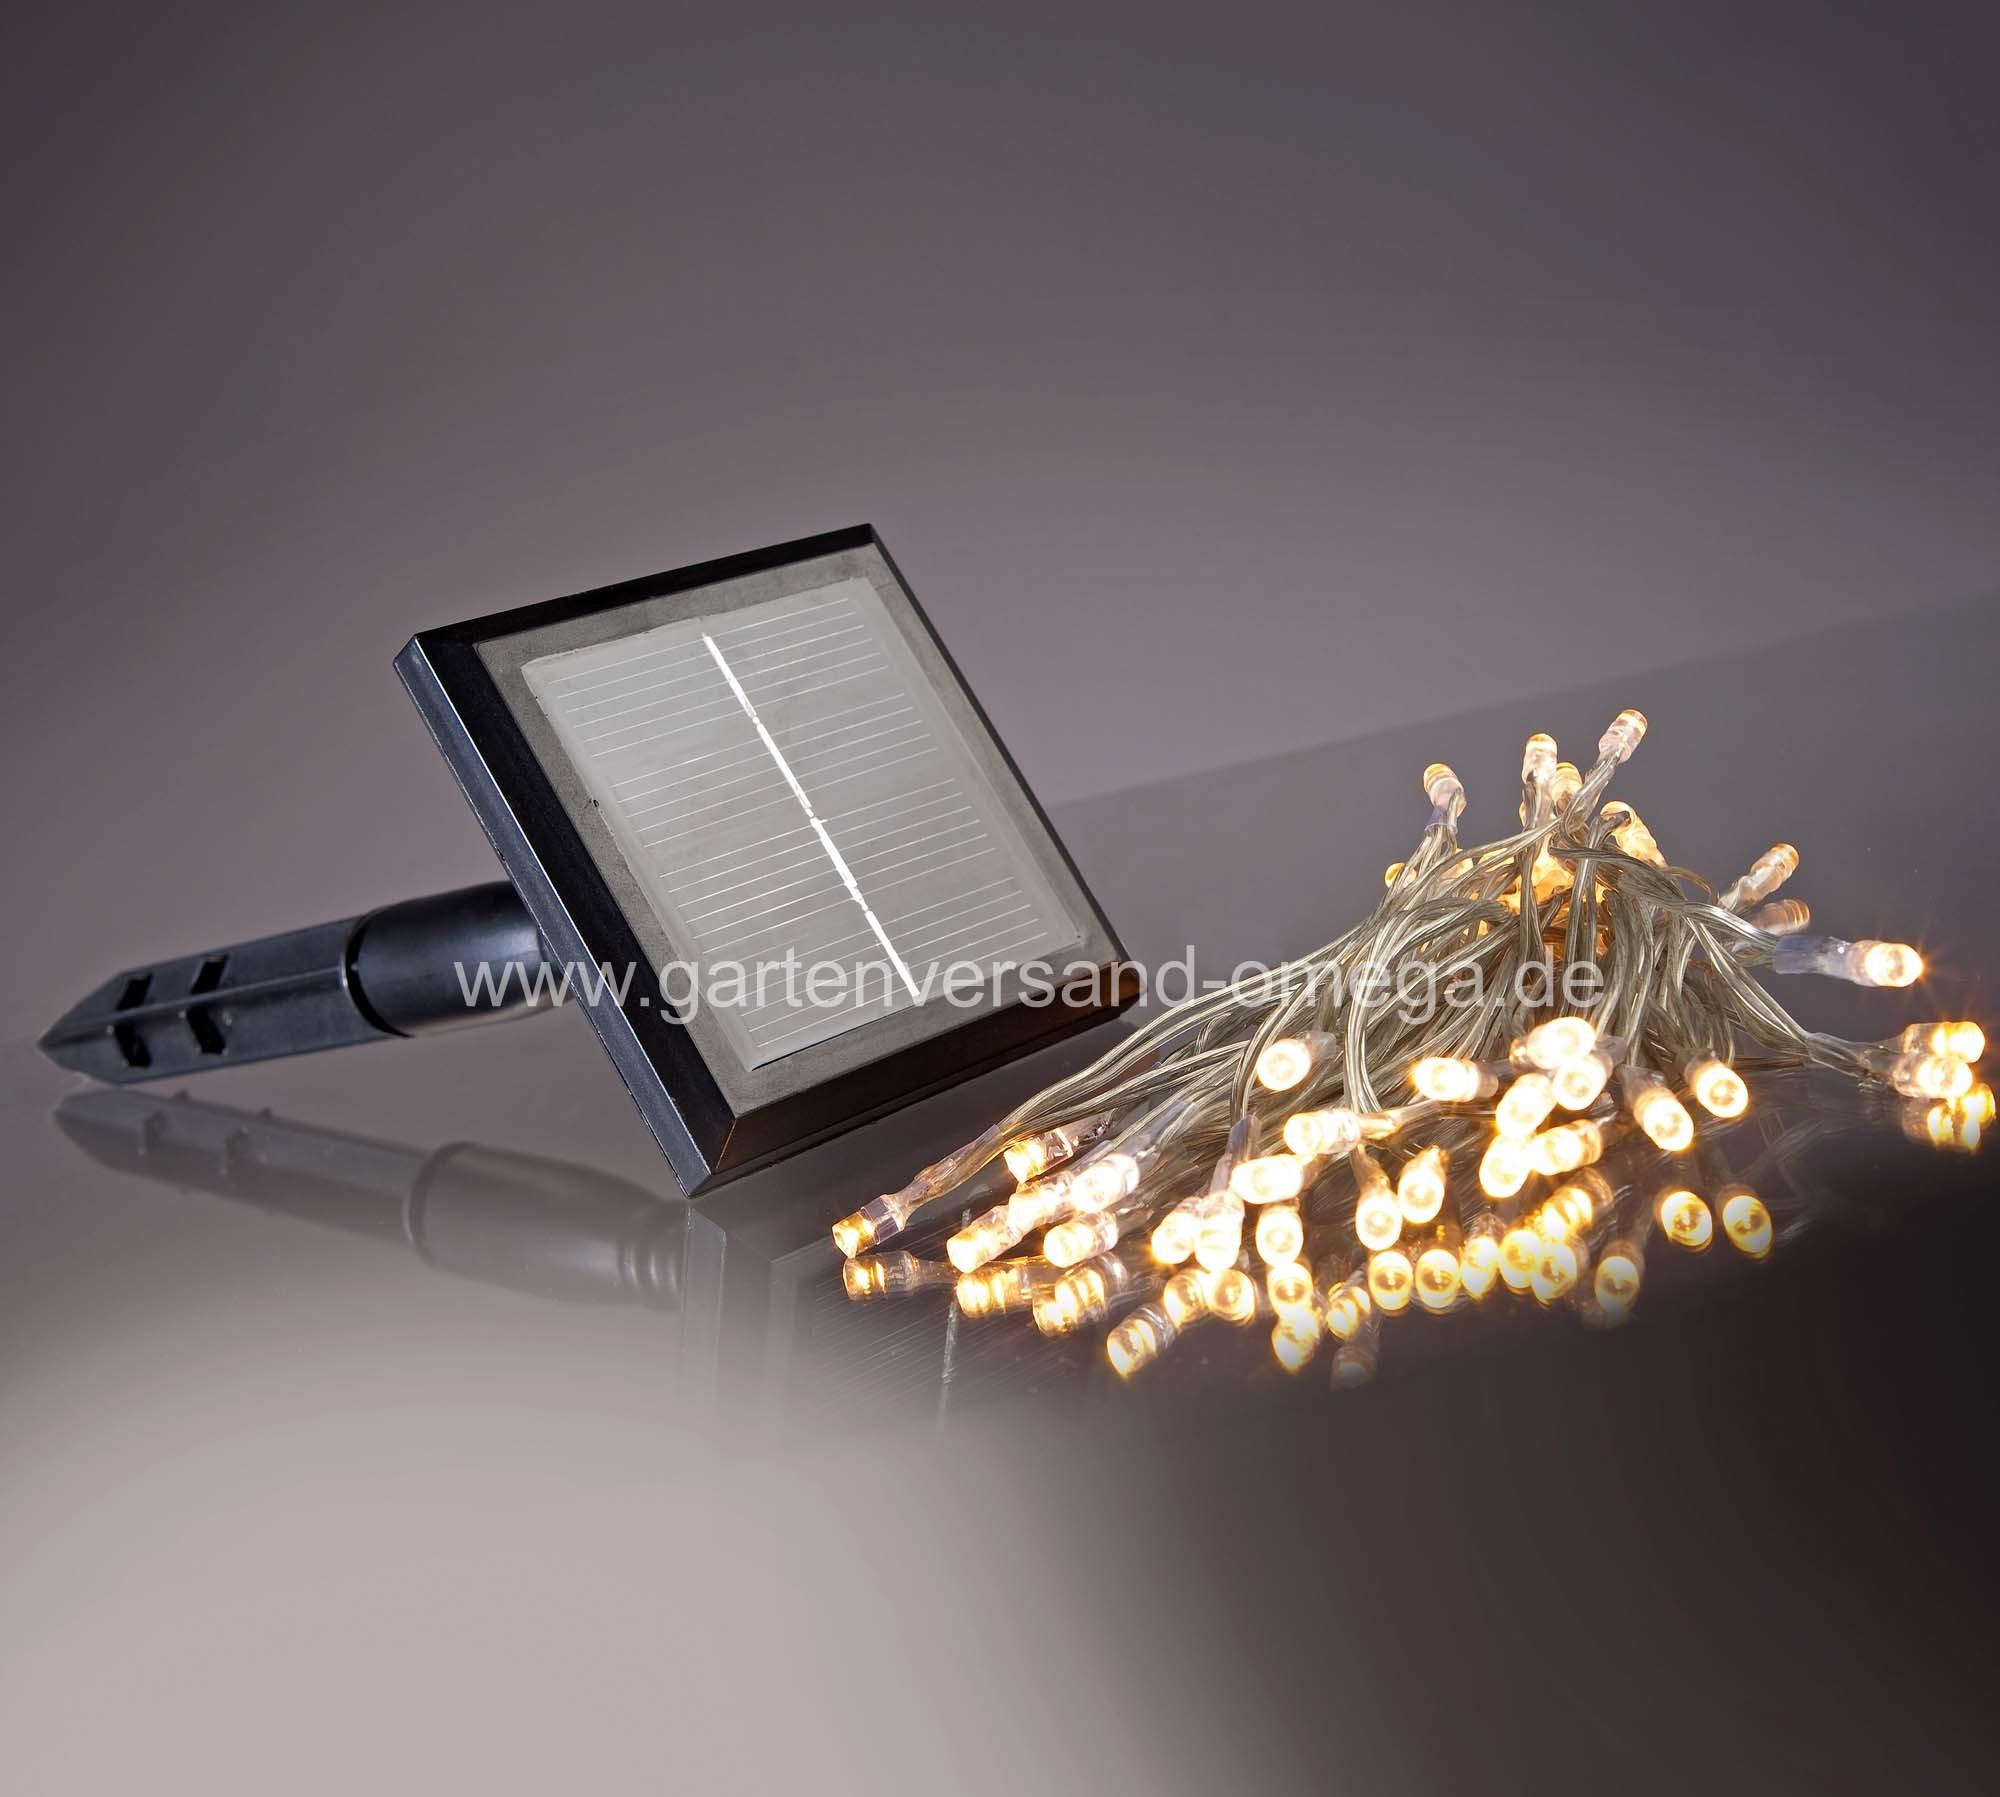 solarbetriebene led lichterkette warm wei solar solar weihnachtsgartenbeleuchtung. Black Bedroom Furniture Sets. Home Design Ideas